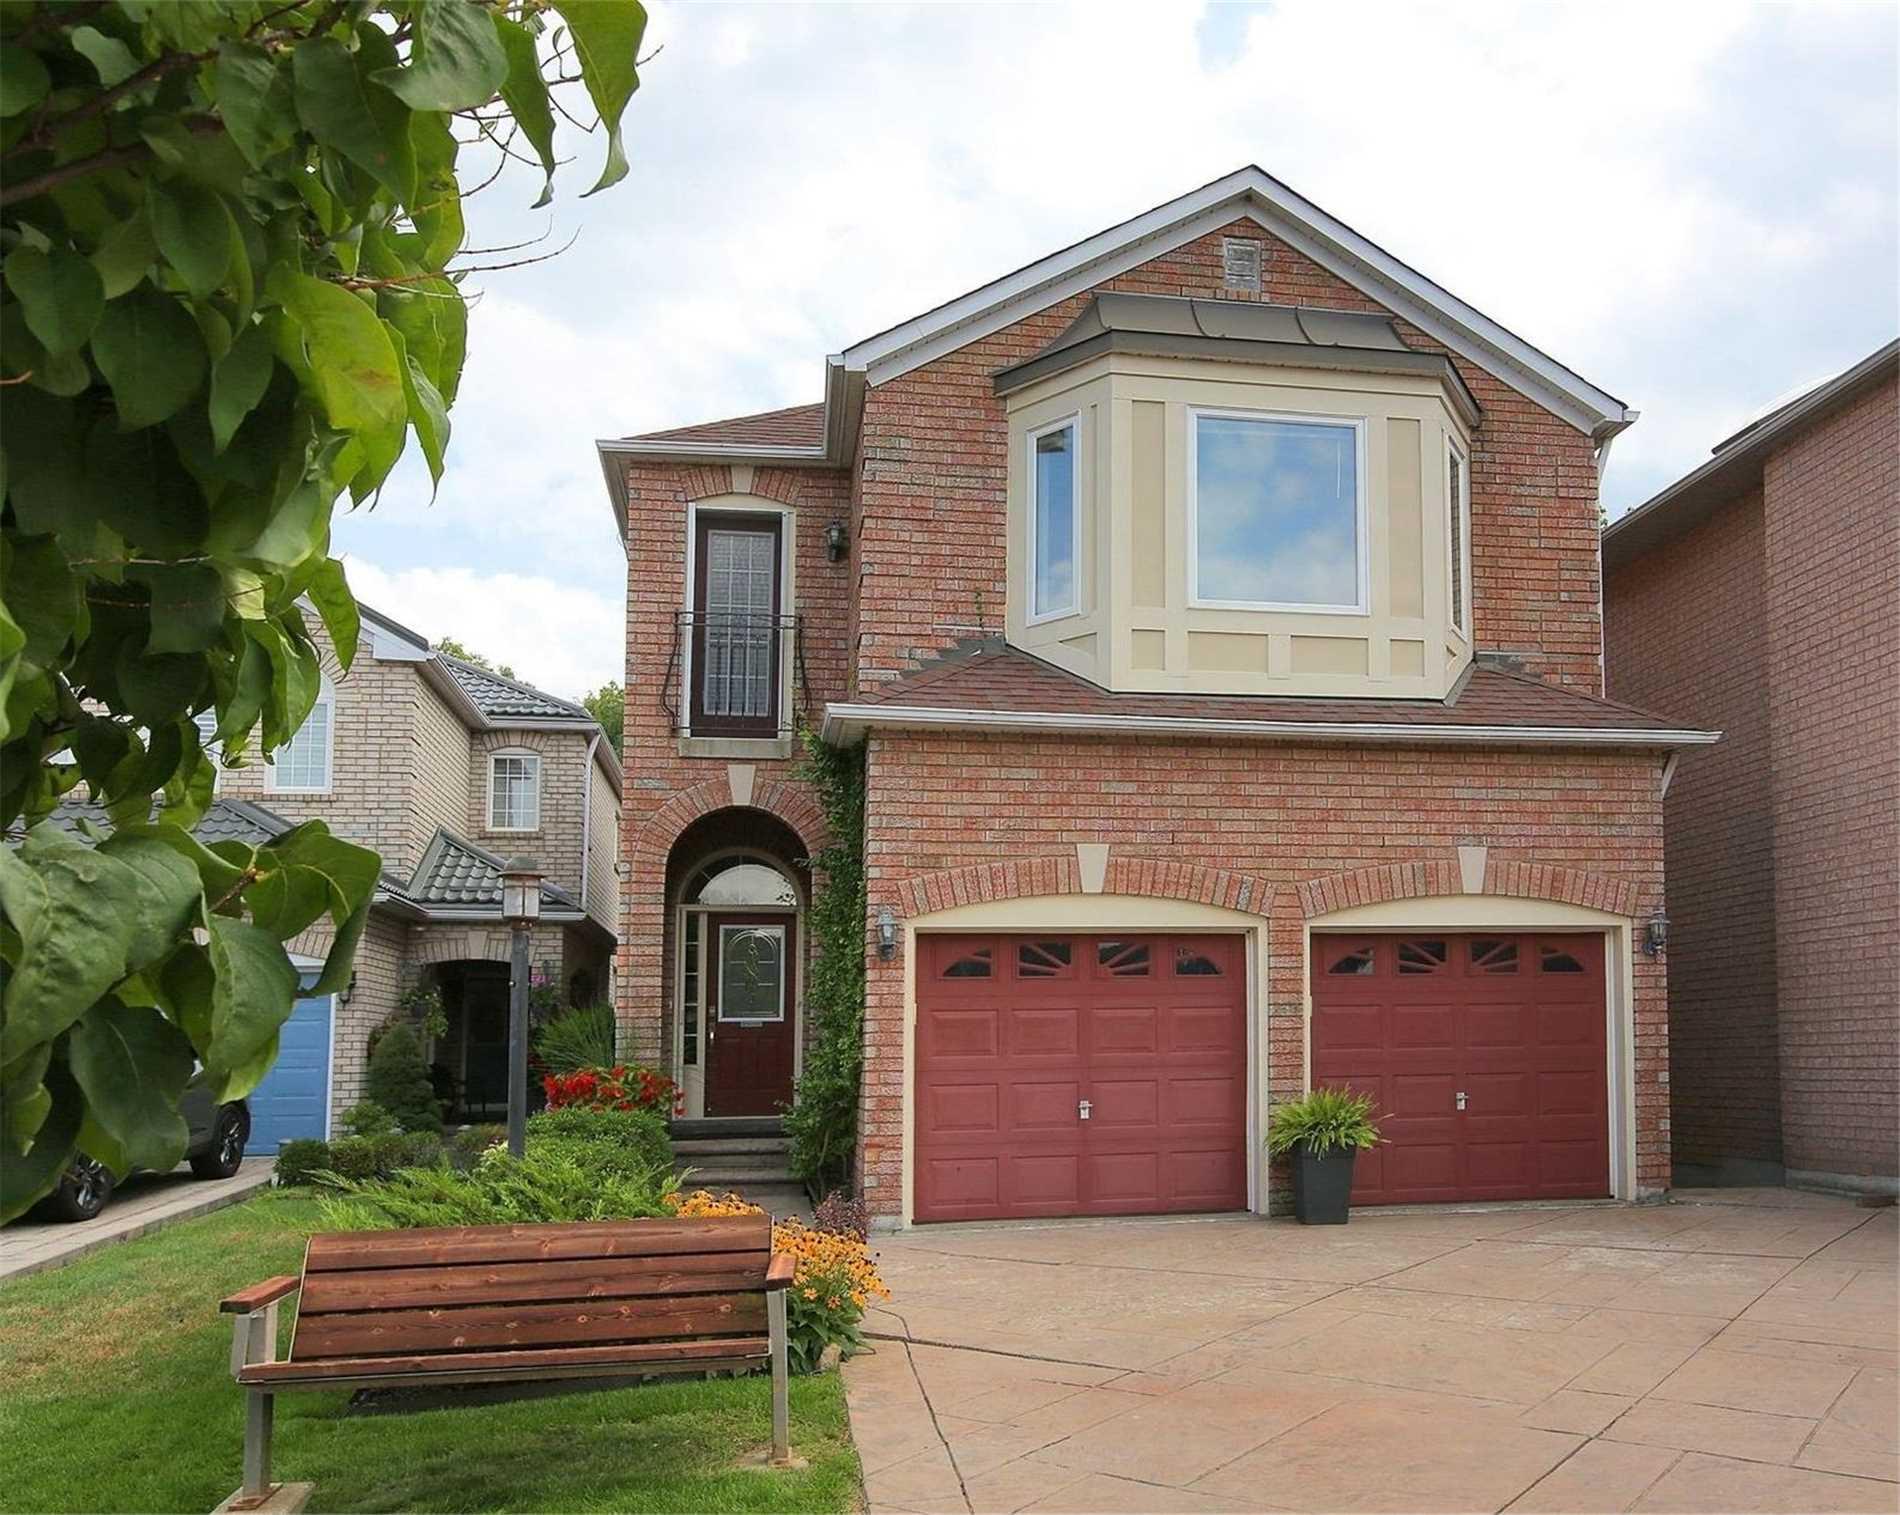 67 Moreau Tr, Toronto, Ontario M1L4V2, 4 Bedrooms Bedrooms, 9 Rooms Rooms,4 BathroomsBathrooms,Detached,For Sale,Moreau,E5378856